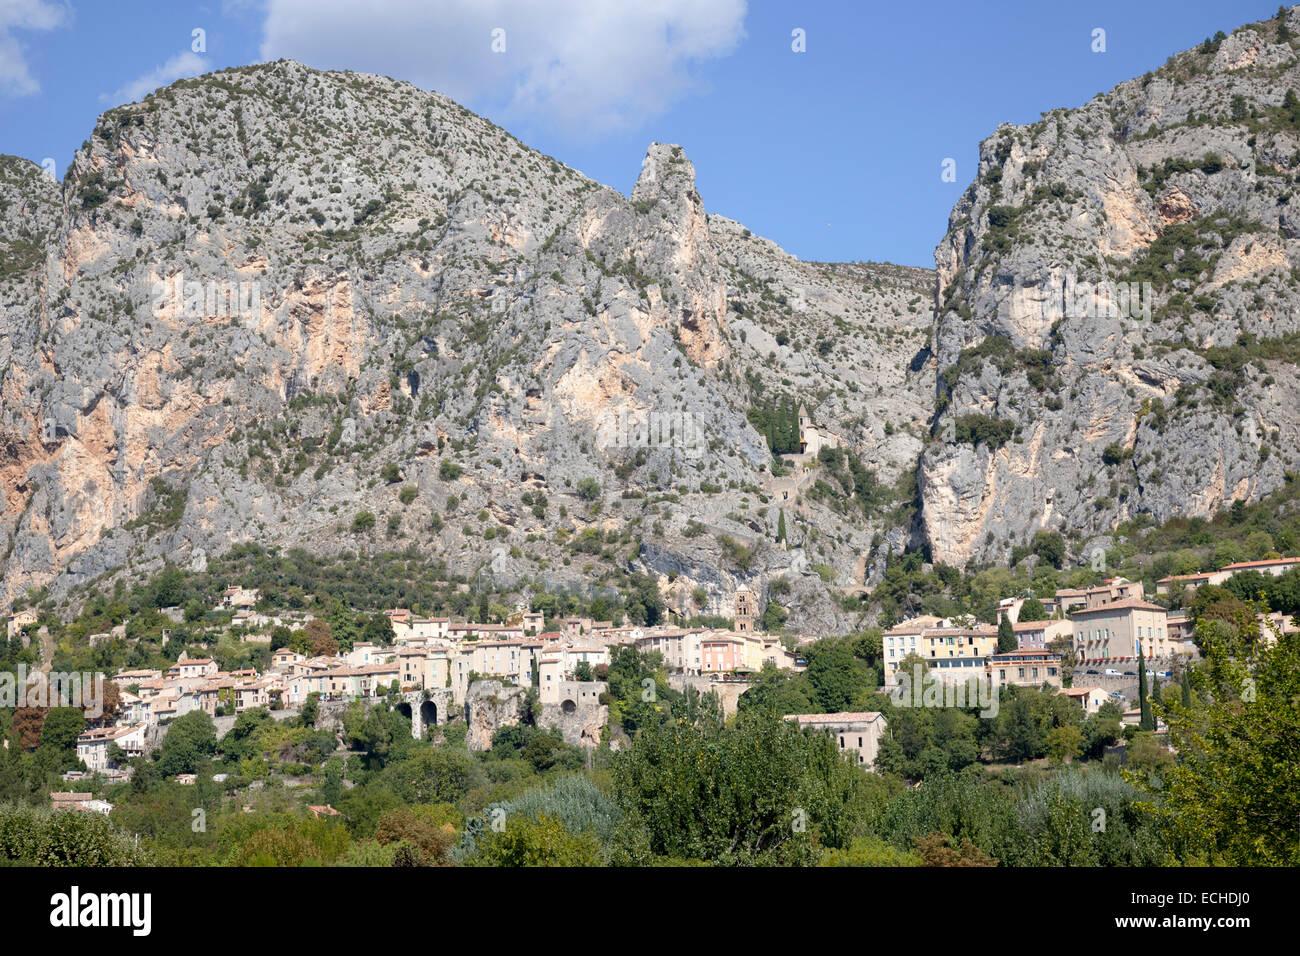 An overview of Moustiers Sainte Marie, a picturesque Provençal village (Haute Provence Alps - France). Moustiers - Stock Image